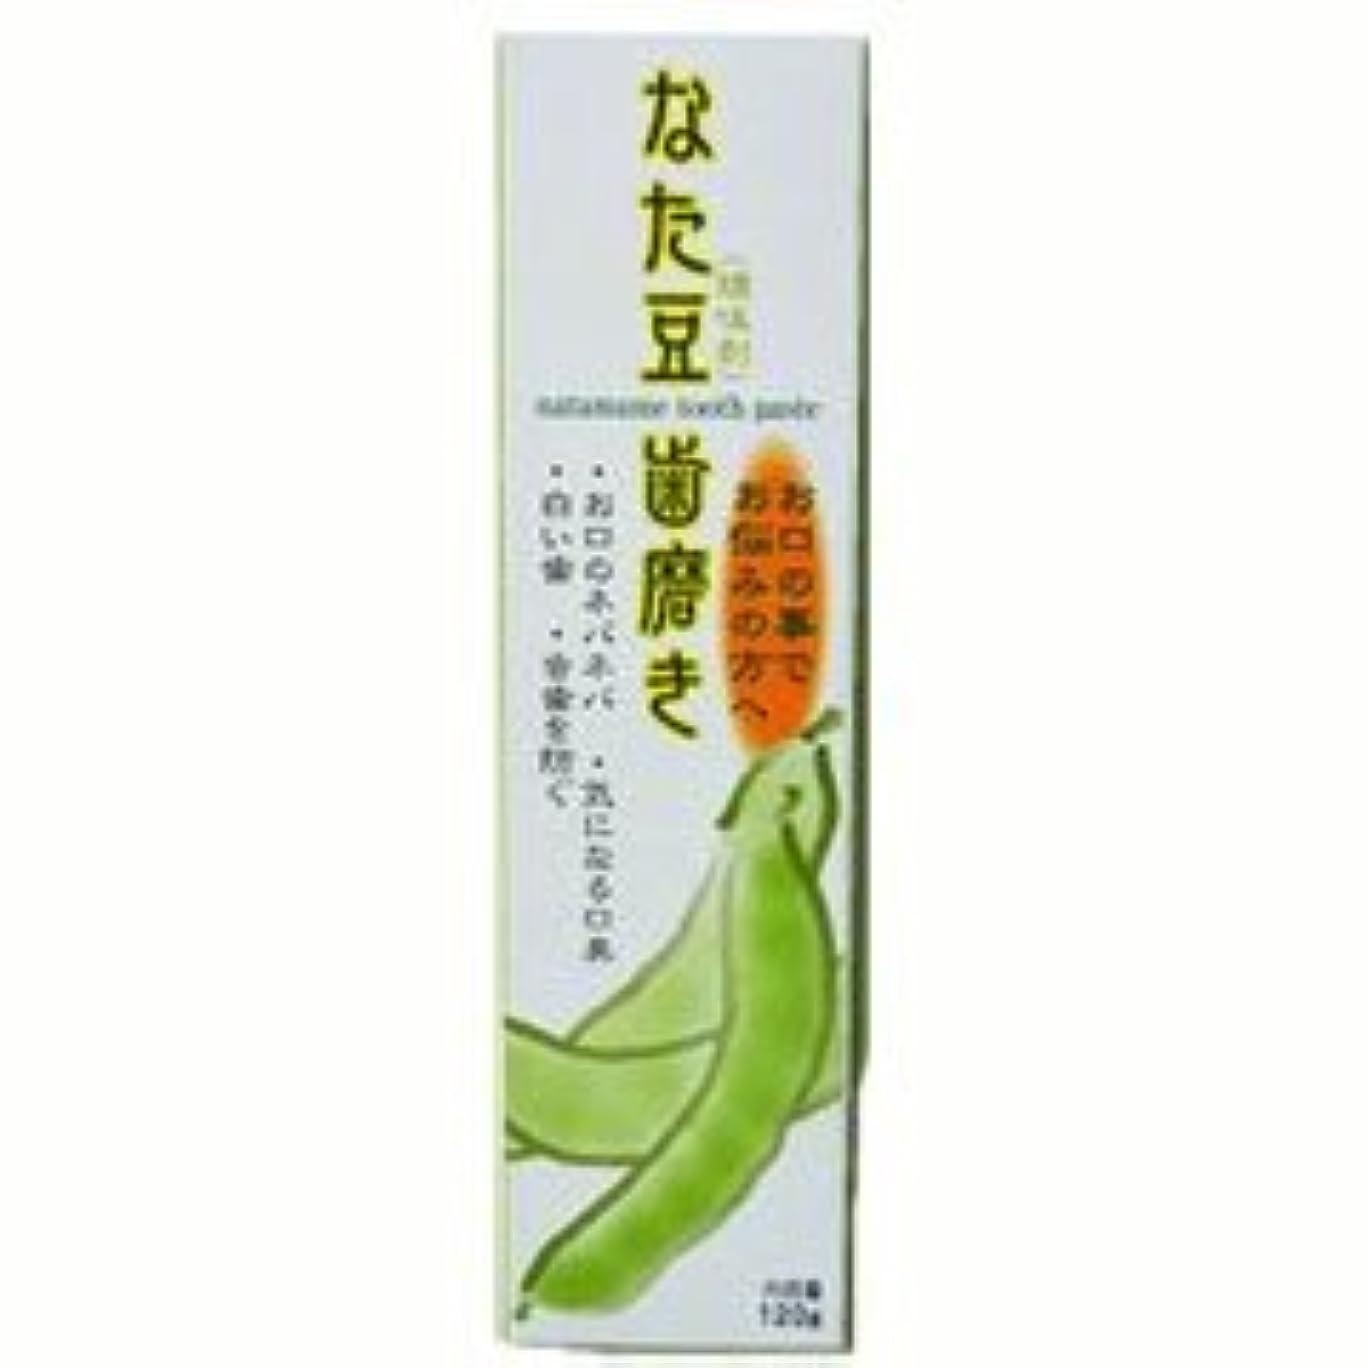 染色長椅子シュガー【モルゲンロート】なた豆歯磨き 120g